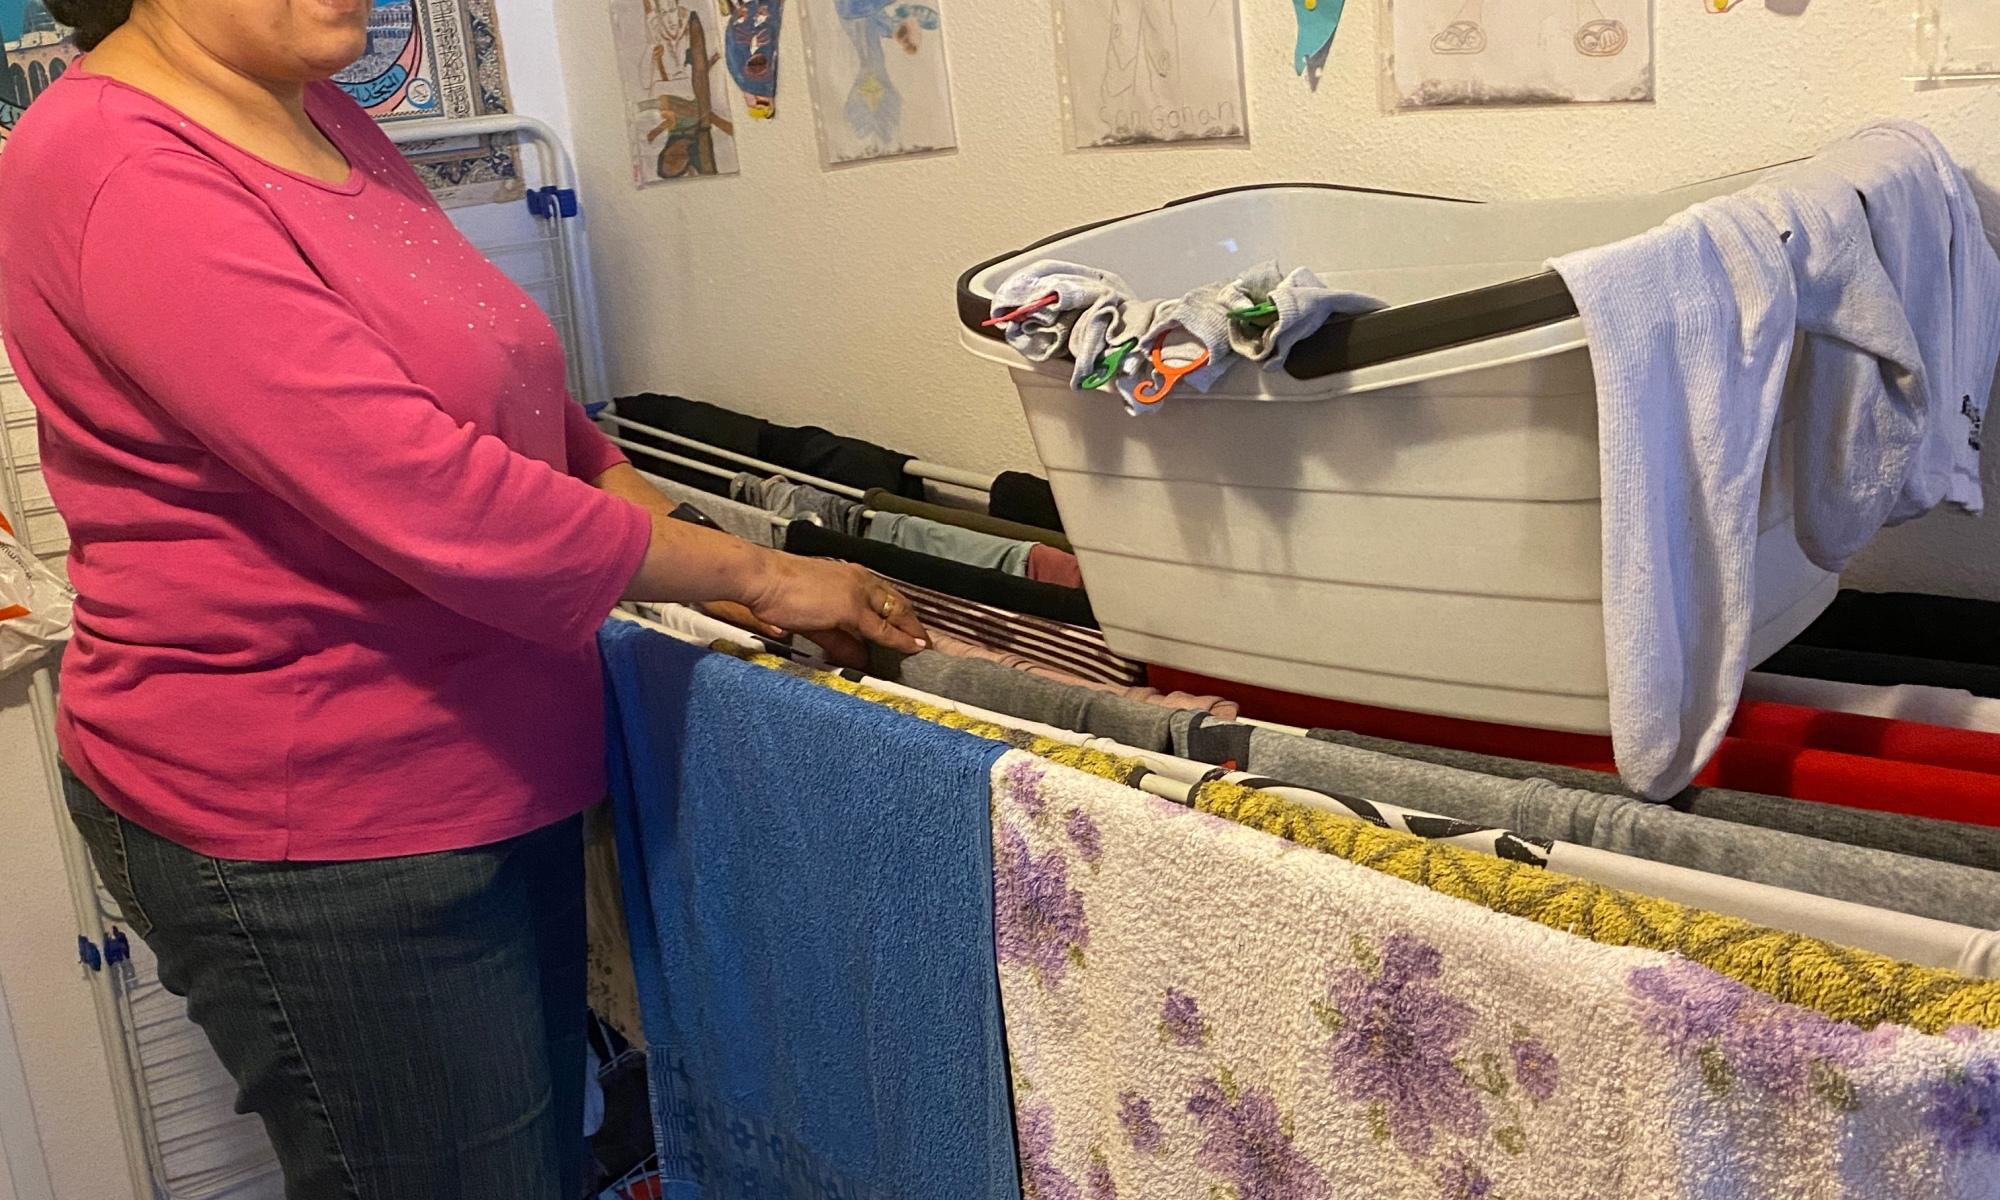 Lydia steht an einem vollen Wäscheständer, auf dem ein Korb mit Socken steht.